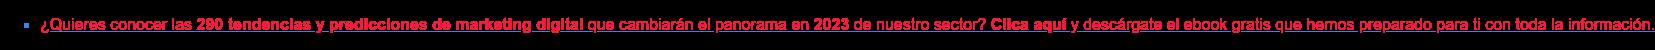 * ¿Quieres conocer las 130 tendencias y predicciones de marketing digital que  cambiarán el panorama en2020 de nuestro sector? Clica aquí y descárgate el  ebook gratis que hemos preparado para ti con toda la información.